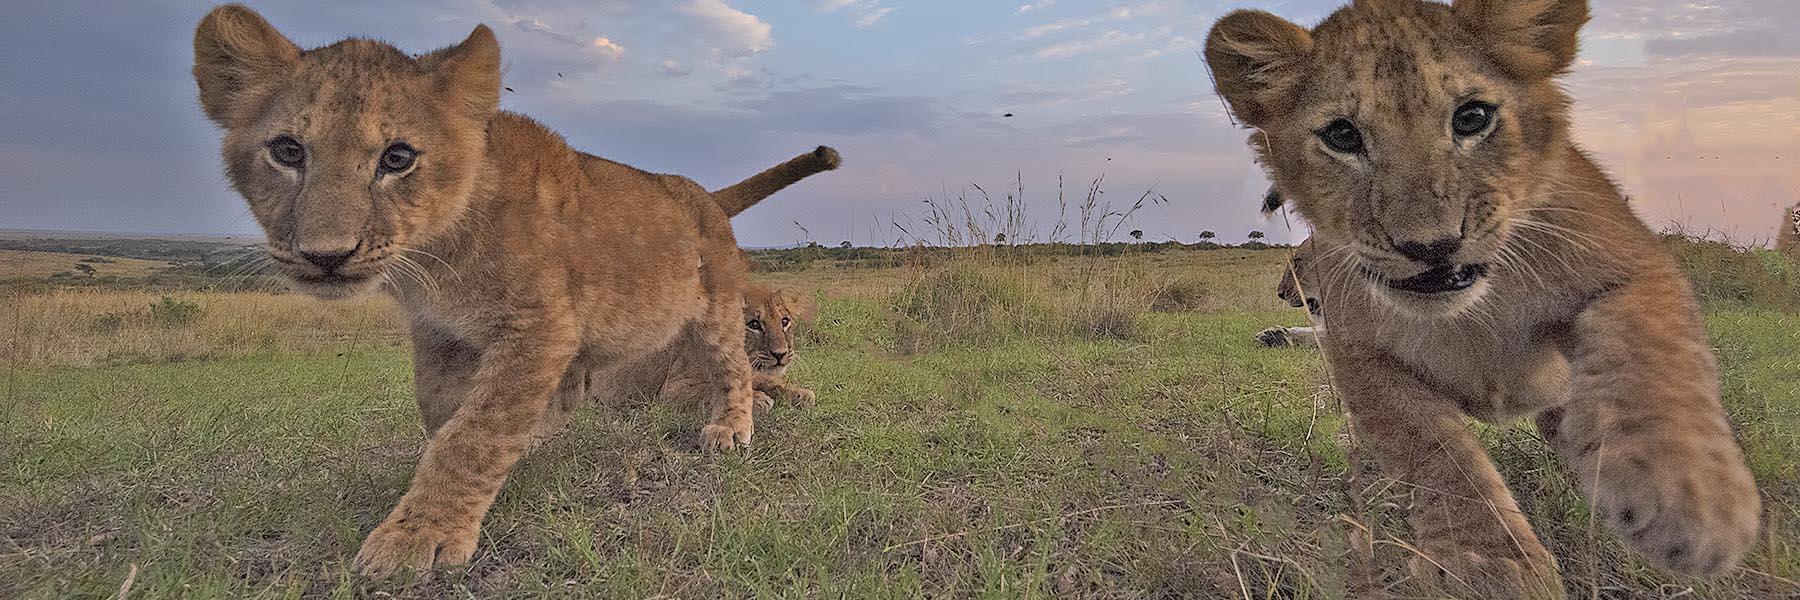 Kenya Wildlife Experience